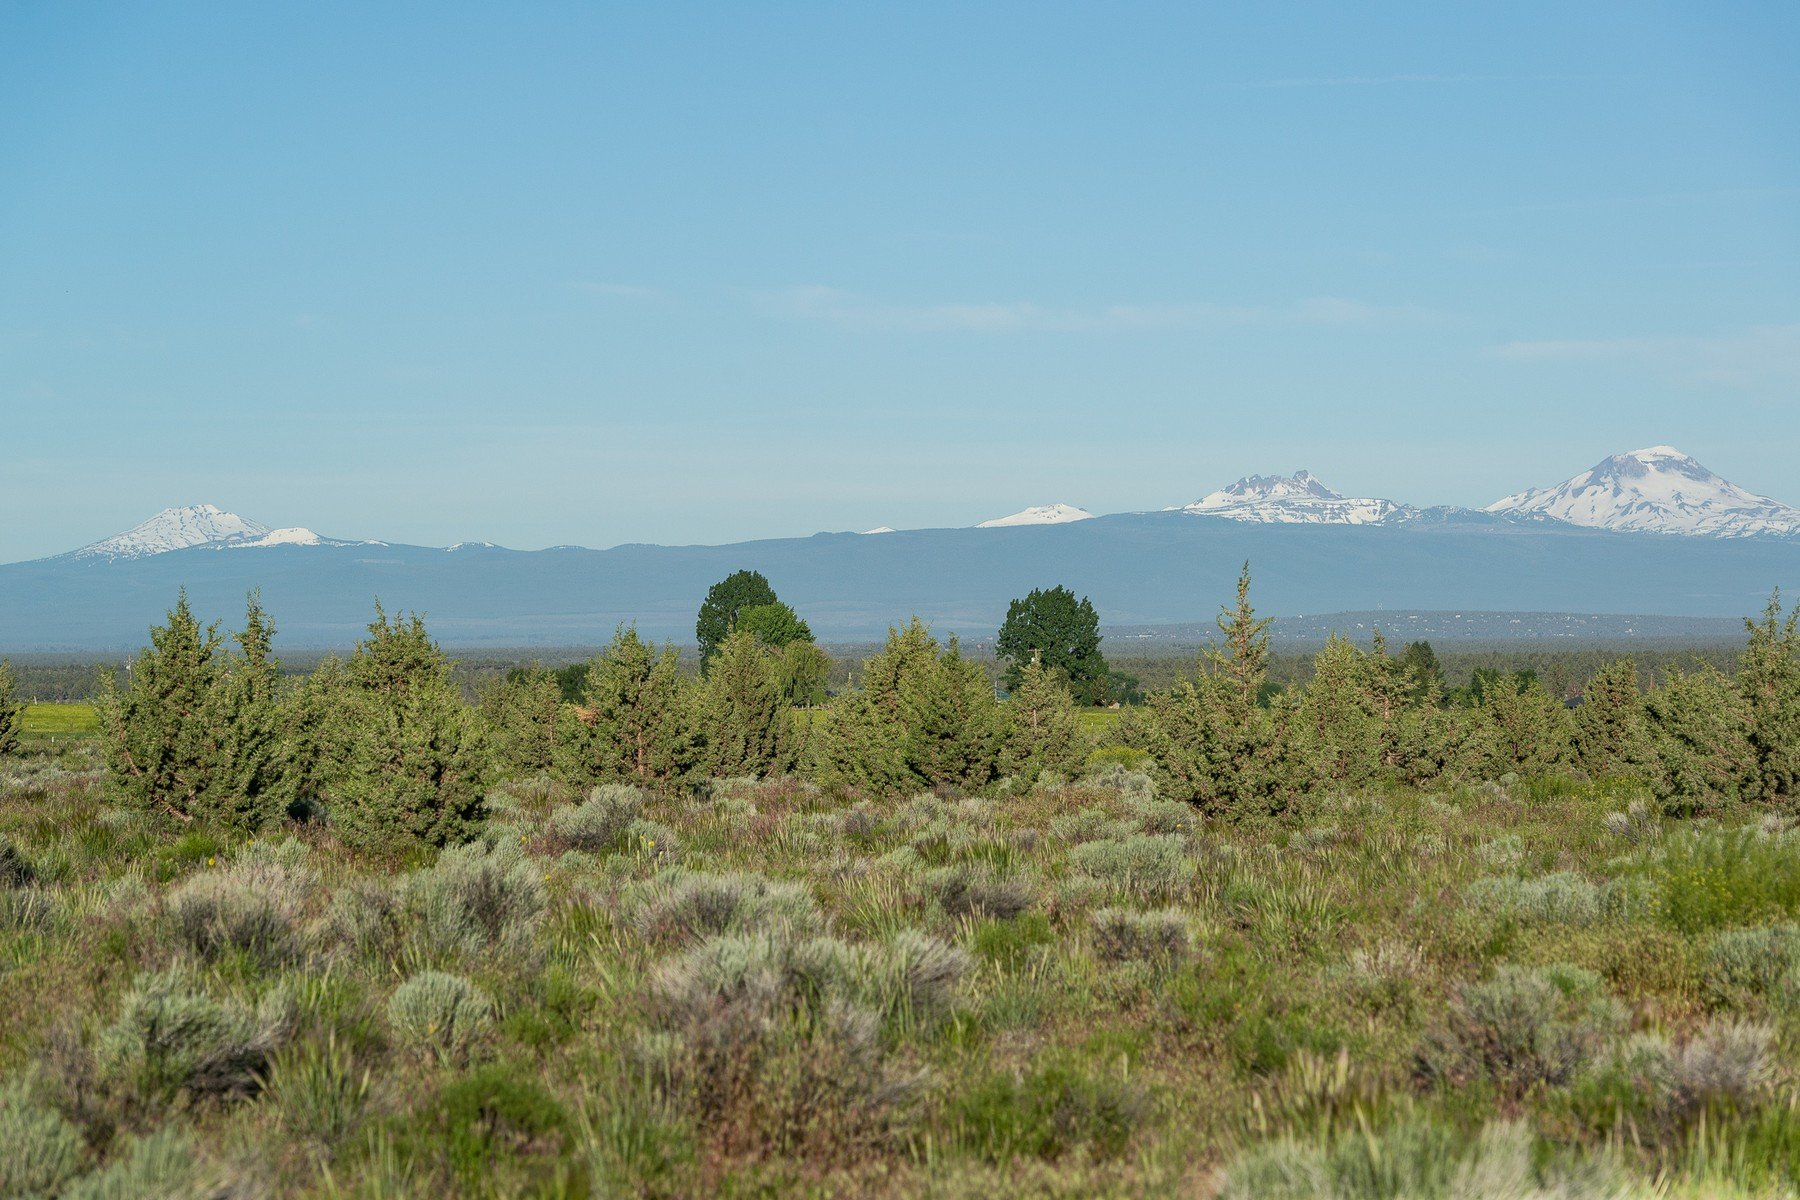 Οικόπεδο για την Πώληση στο 0 SW Tularus Trail Lot 50 Powell Butte, OR 97753 Powell Butte, Ορεγκον 97753 Ηνωμένες Πολιτείες